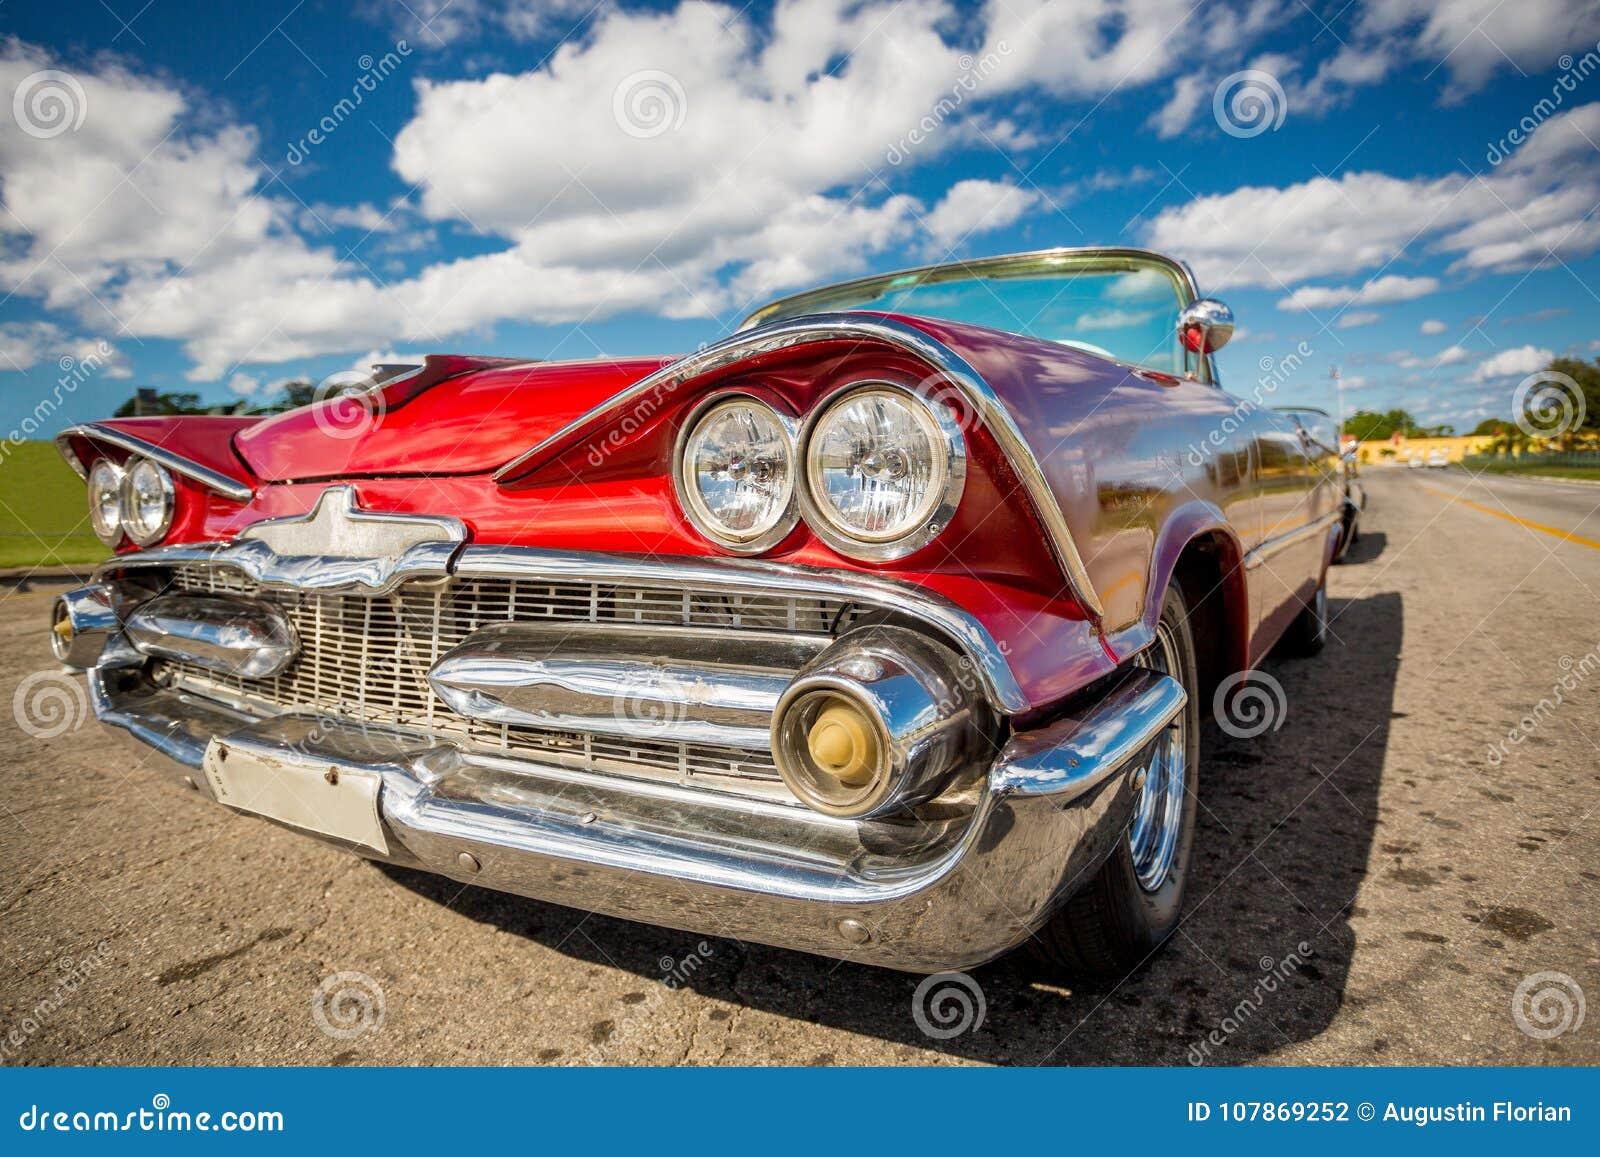 Automobile classica a Avana, Cuba